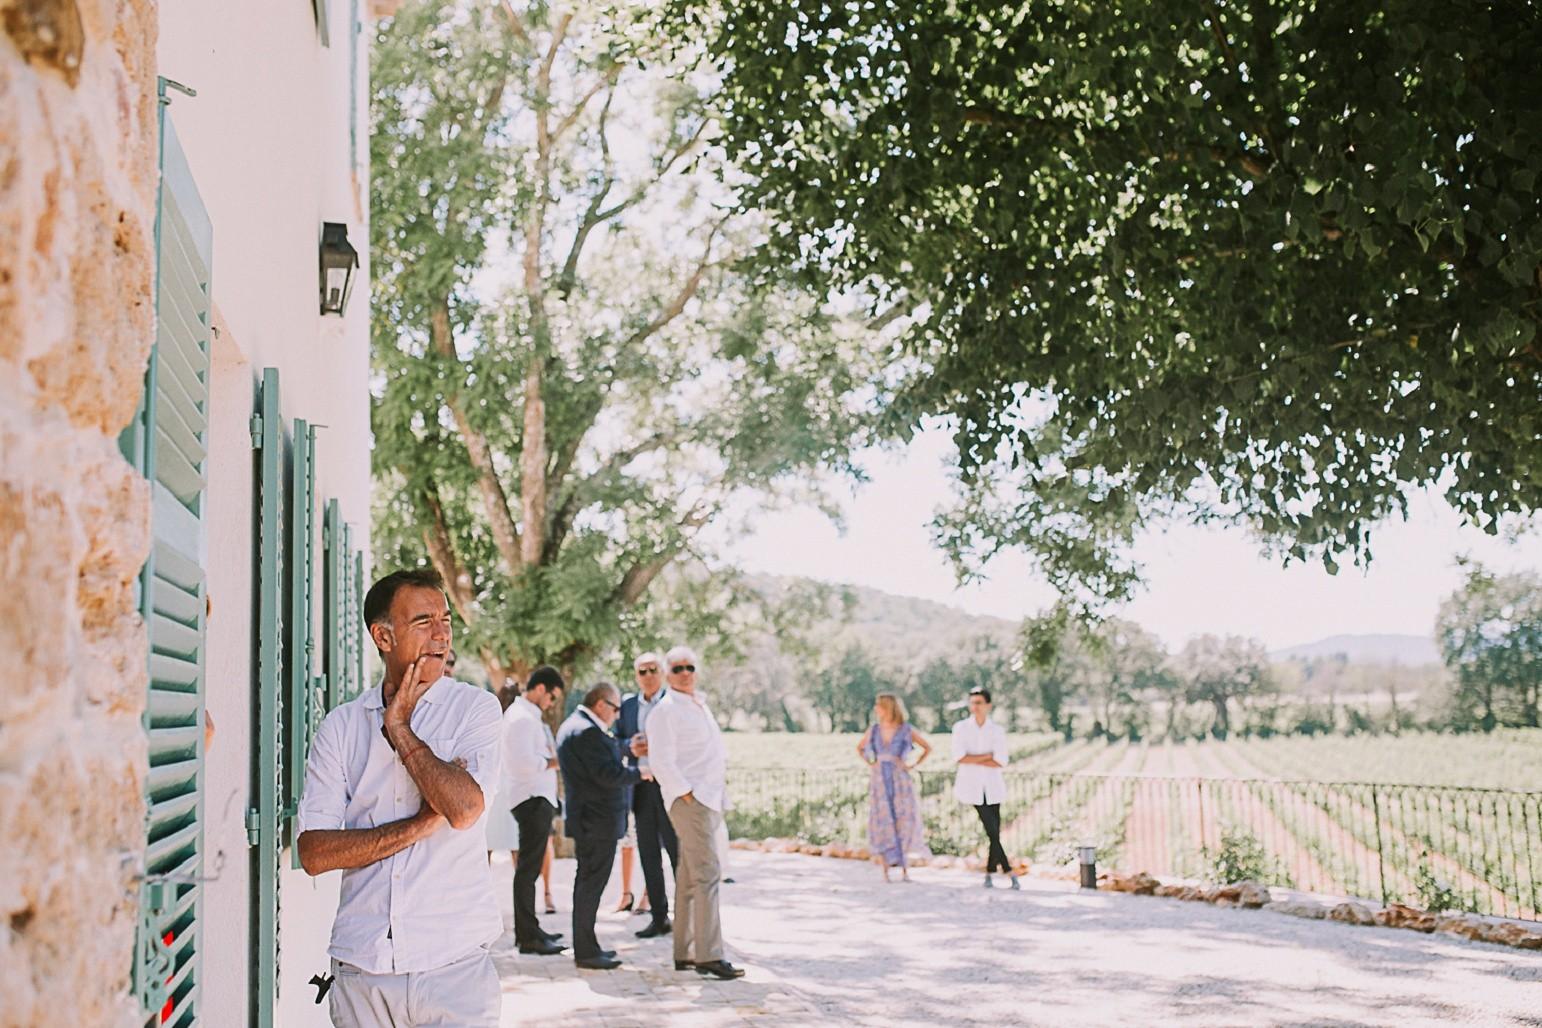 kateryna-photos-mariage-photographe-chateau-maime-aix-nice-provence-wedding-arcs-sur-argens_0024.jpg